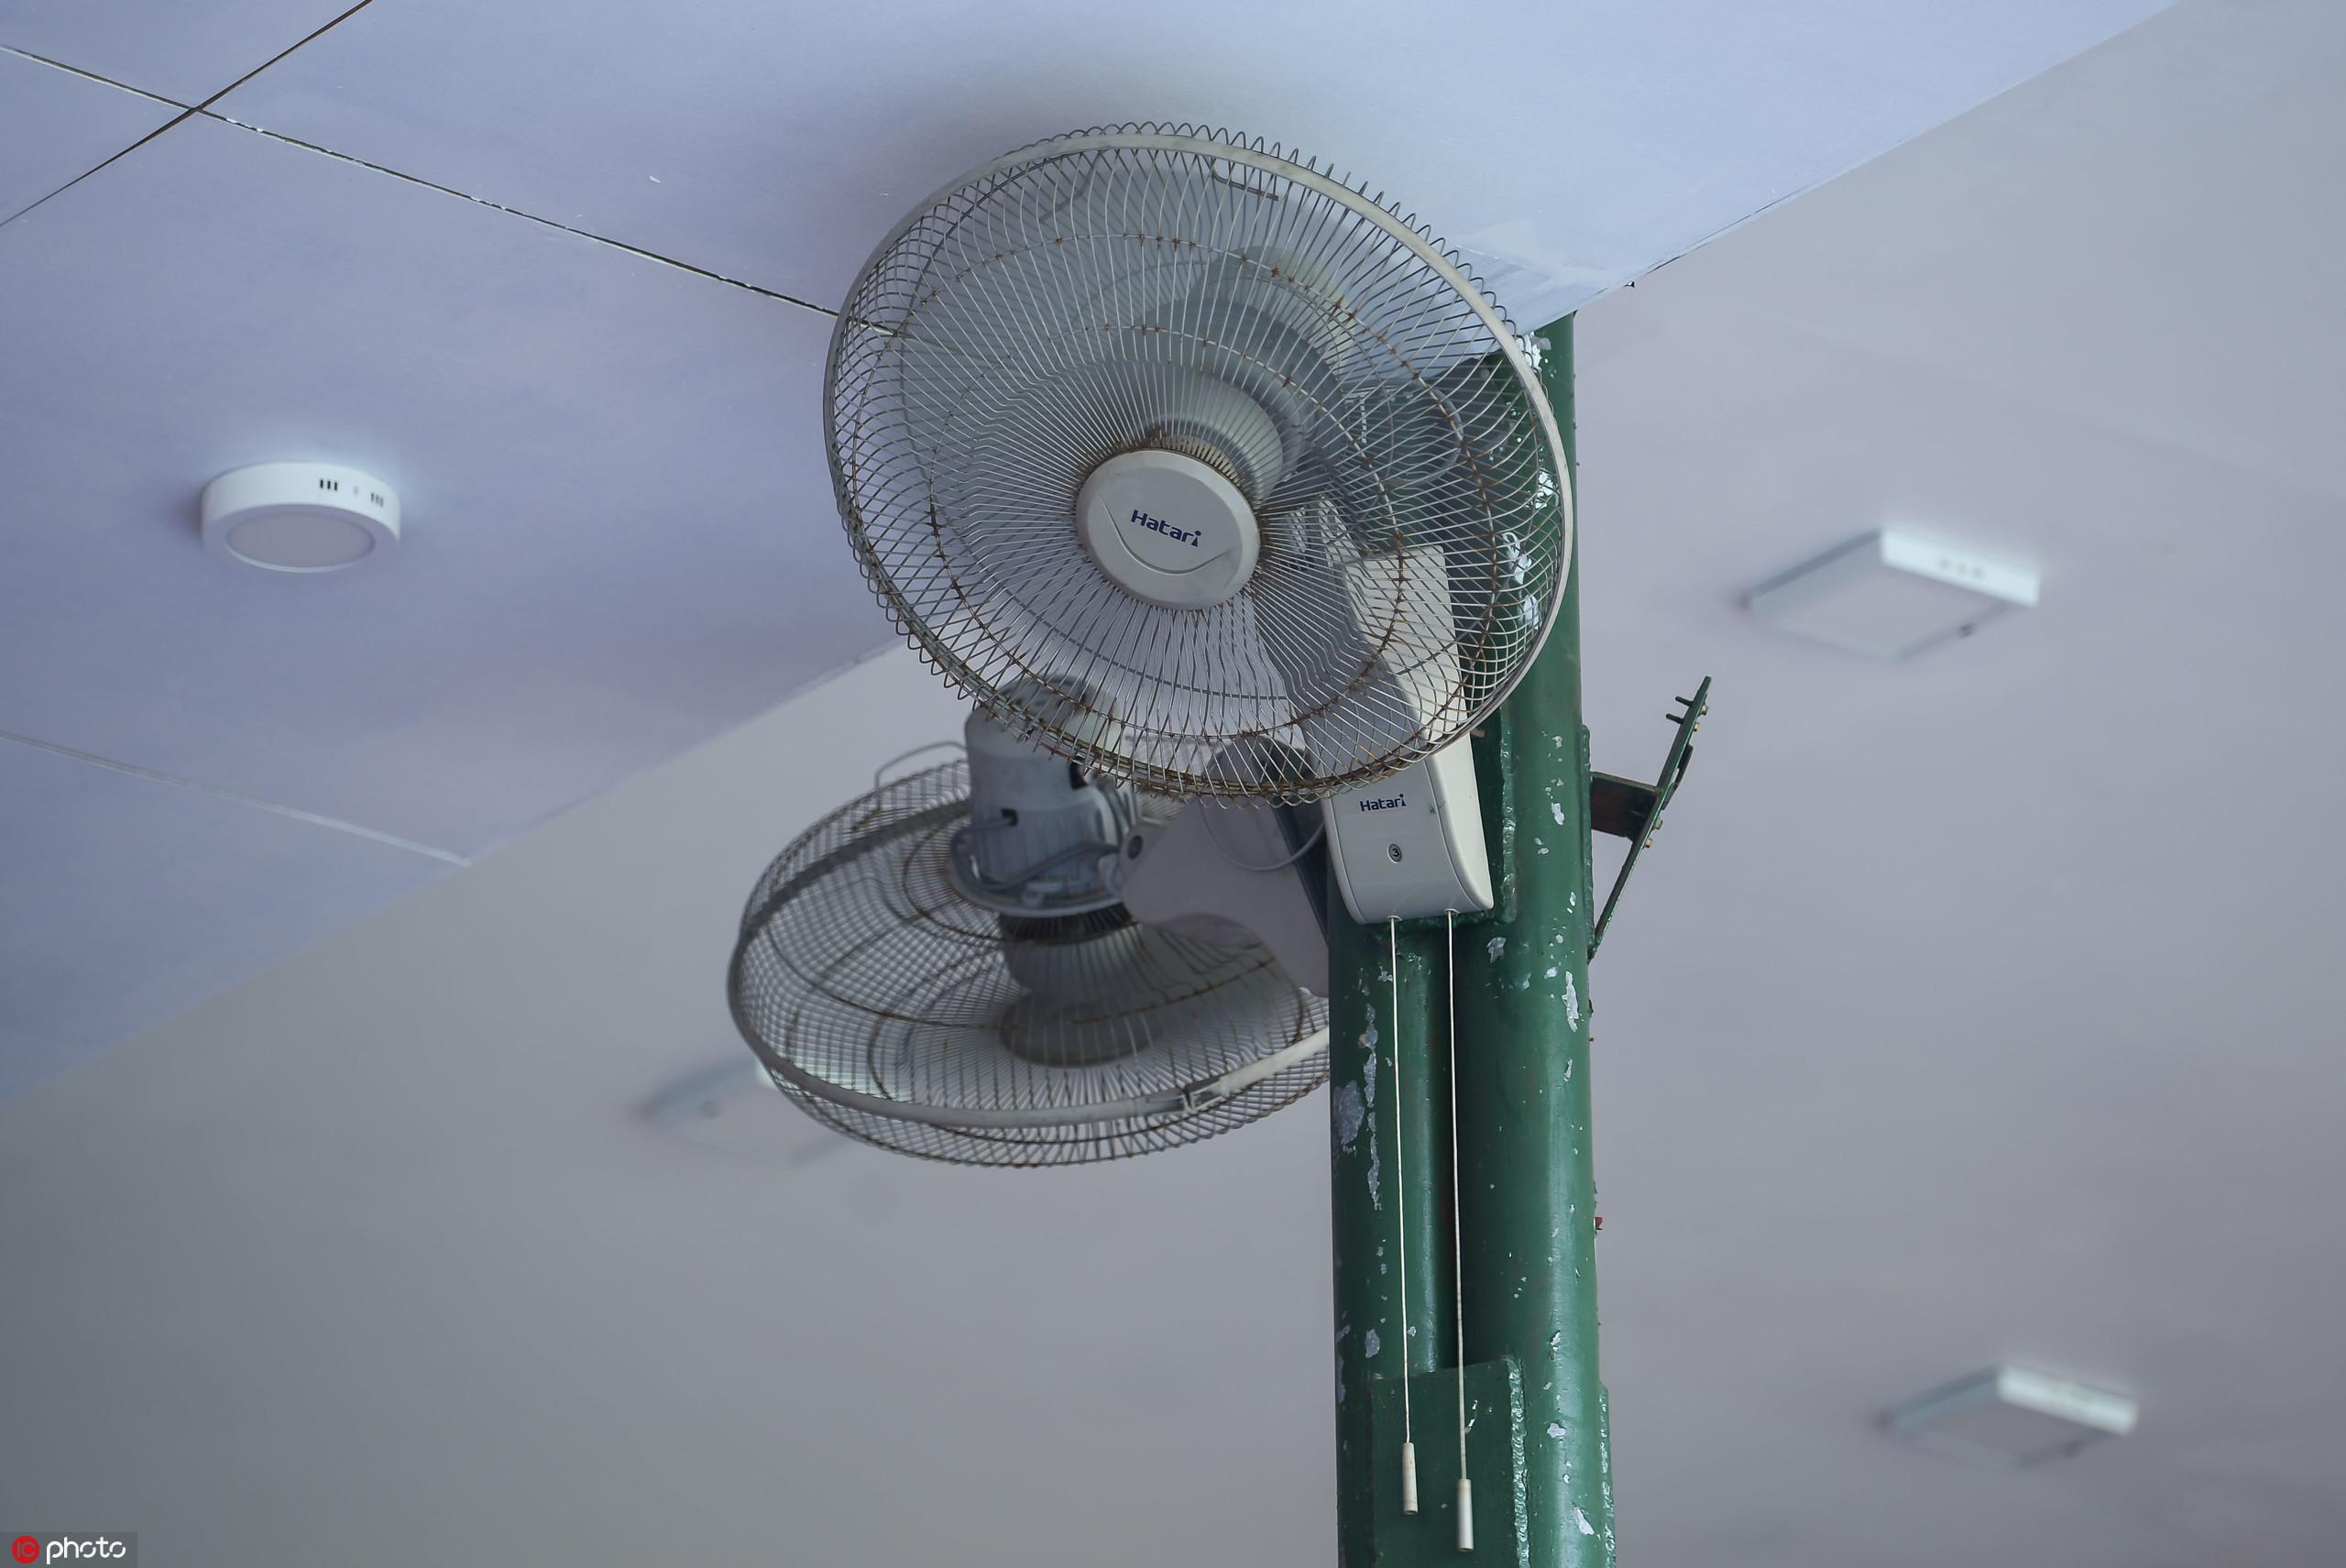 多图流:马代国家体育场开启赛前准备工作,场内吹电扇